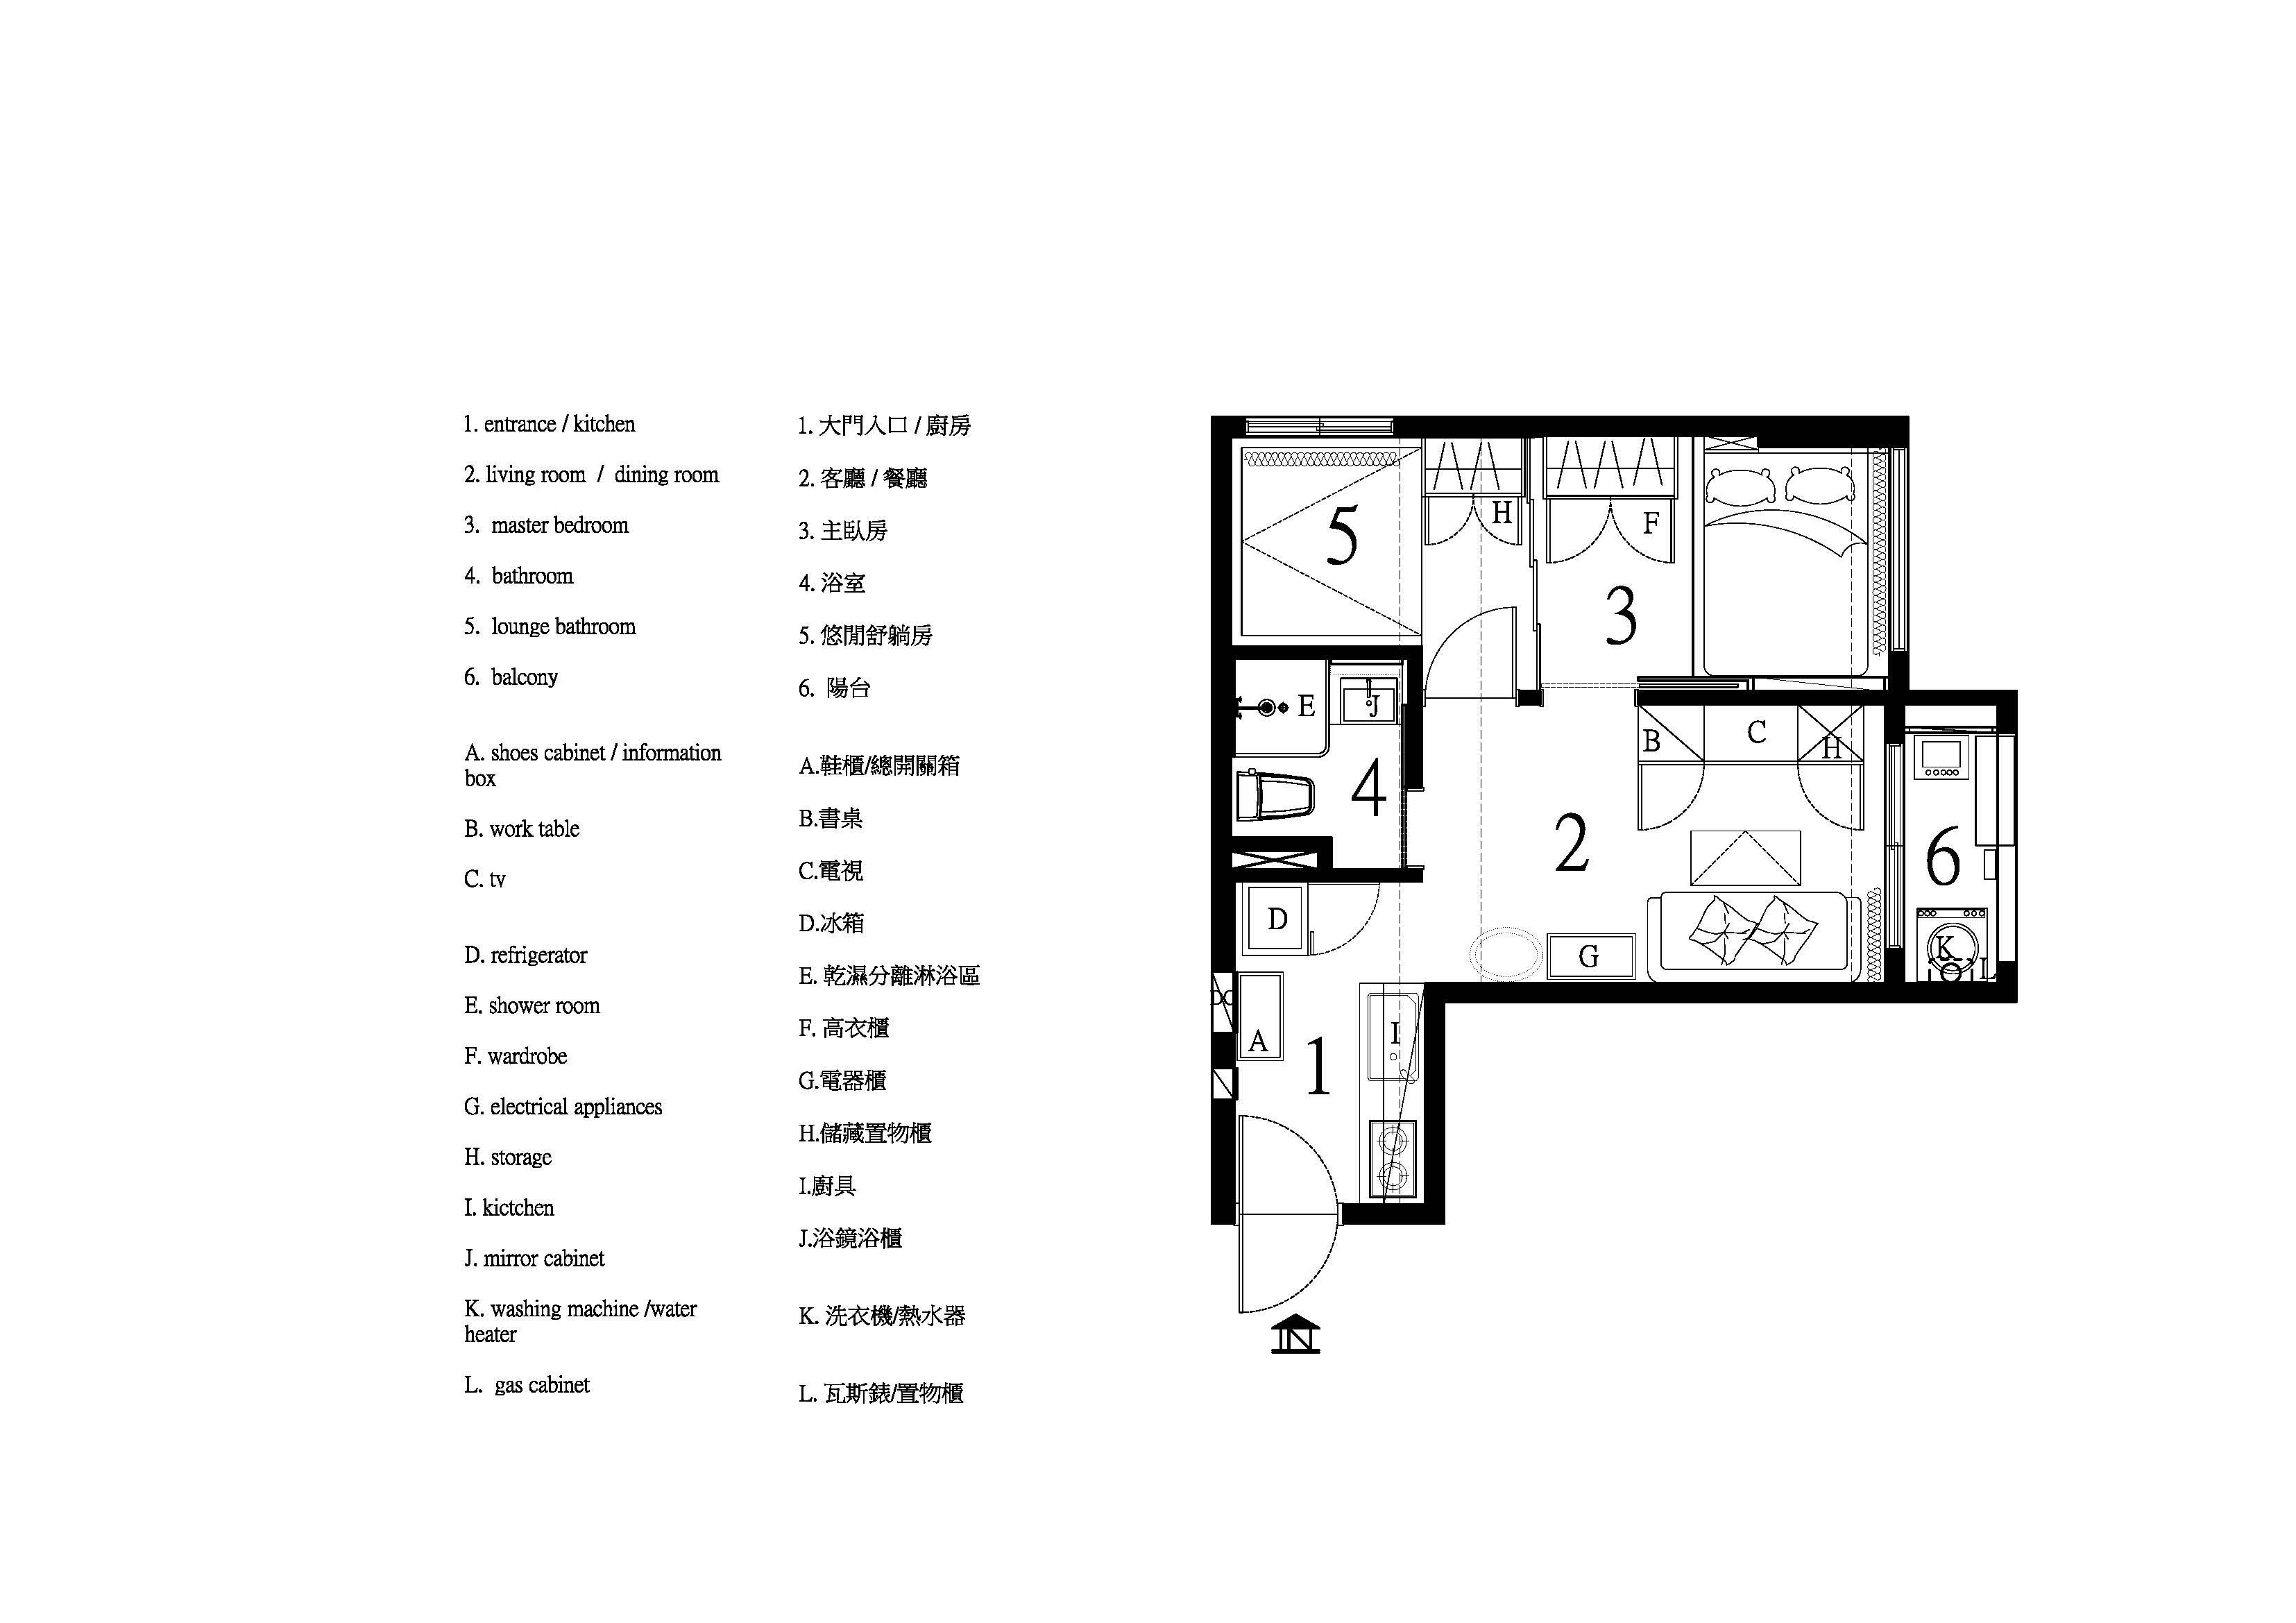 新板時尚新居中英對照平面配置圖 Model (1)